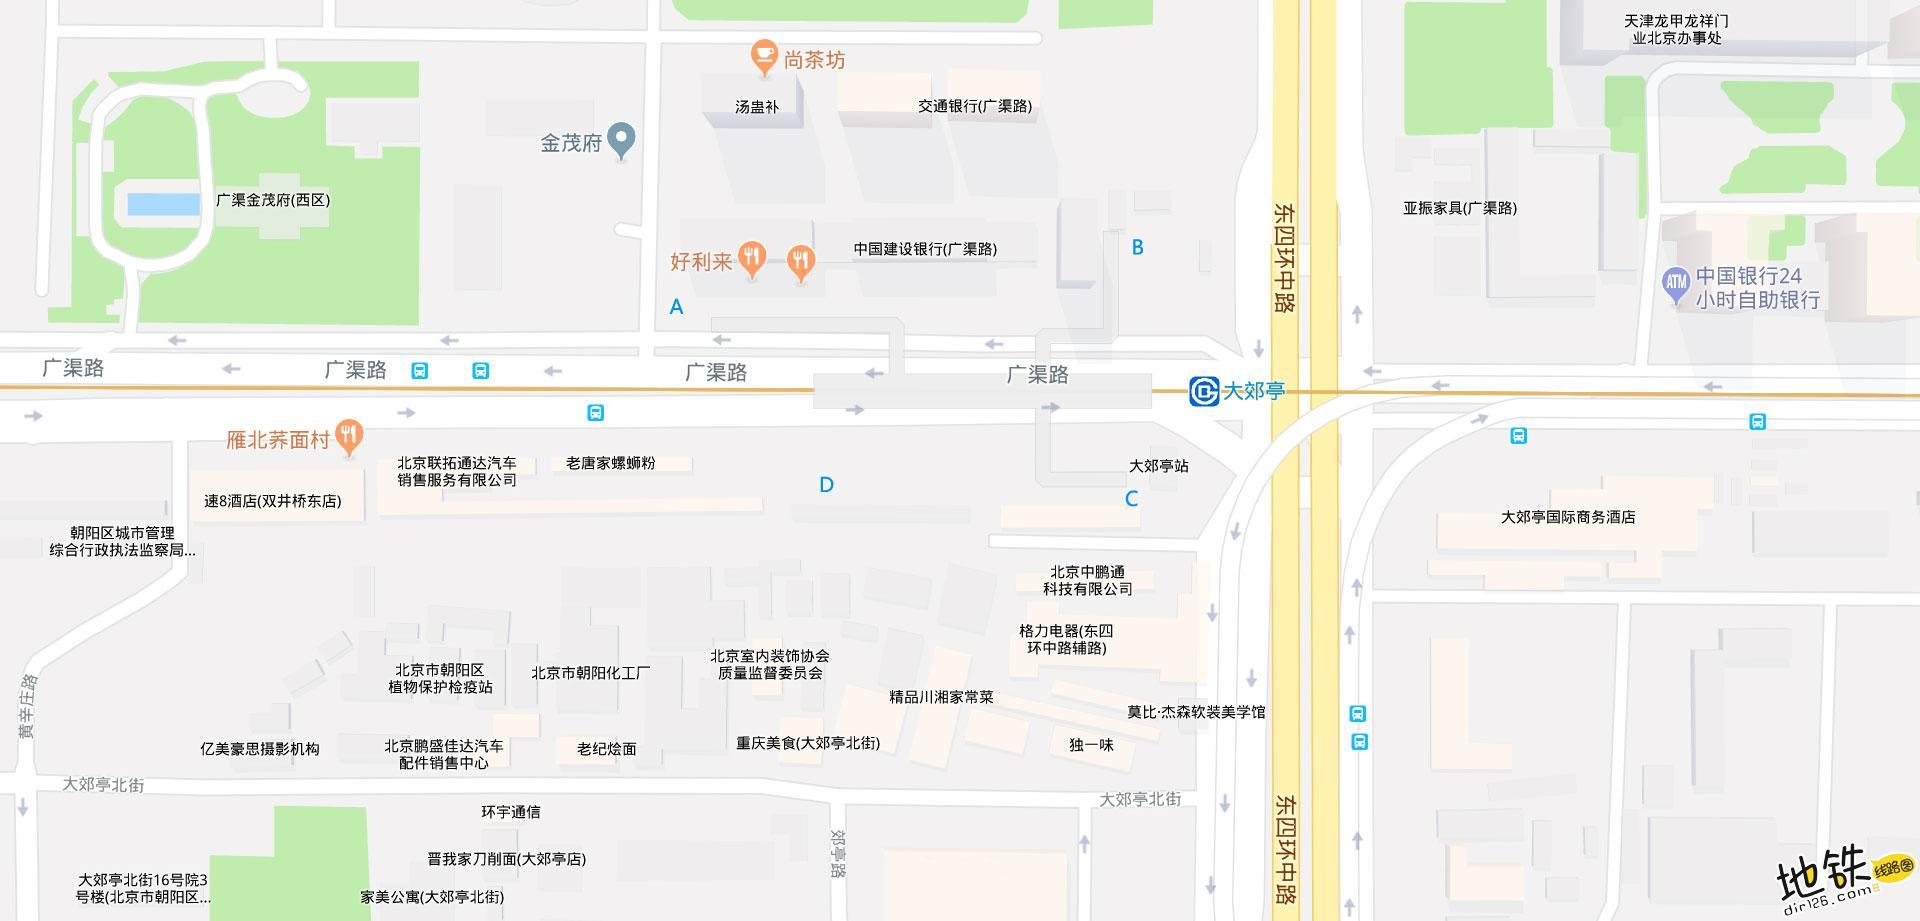 大郊亭地铁站 北京地铁大郊亭站出入口 地图信息查询  北京地铁站  第2张